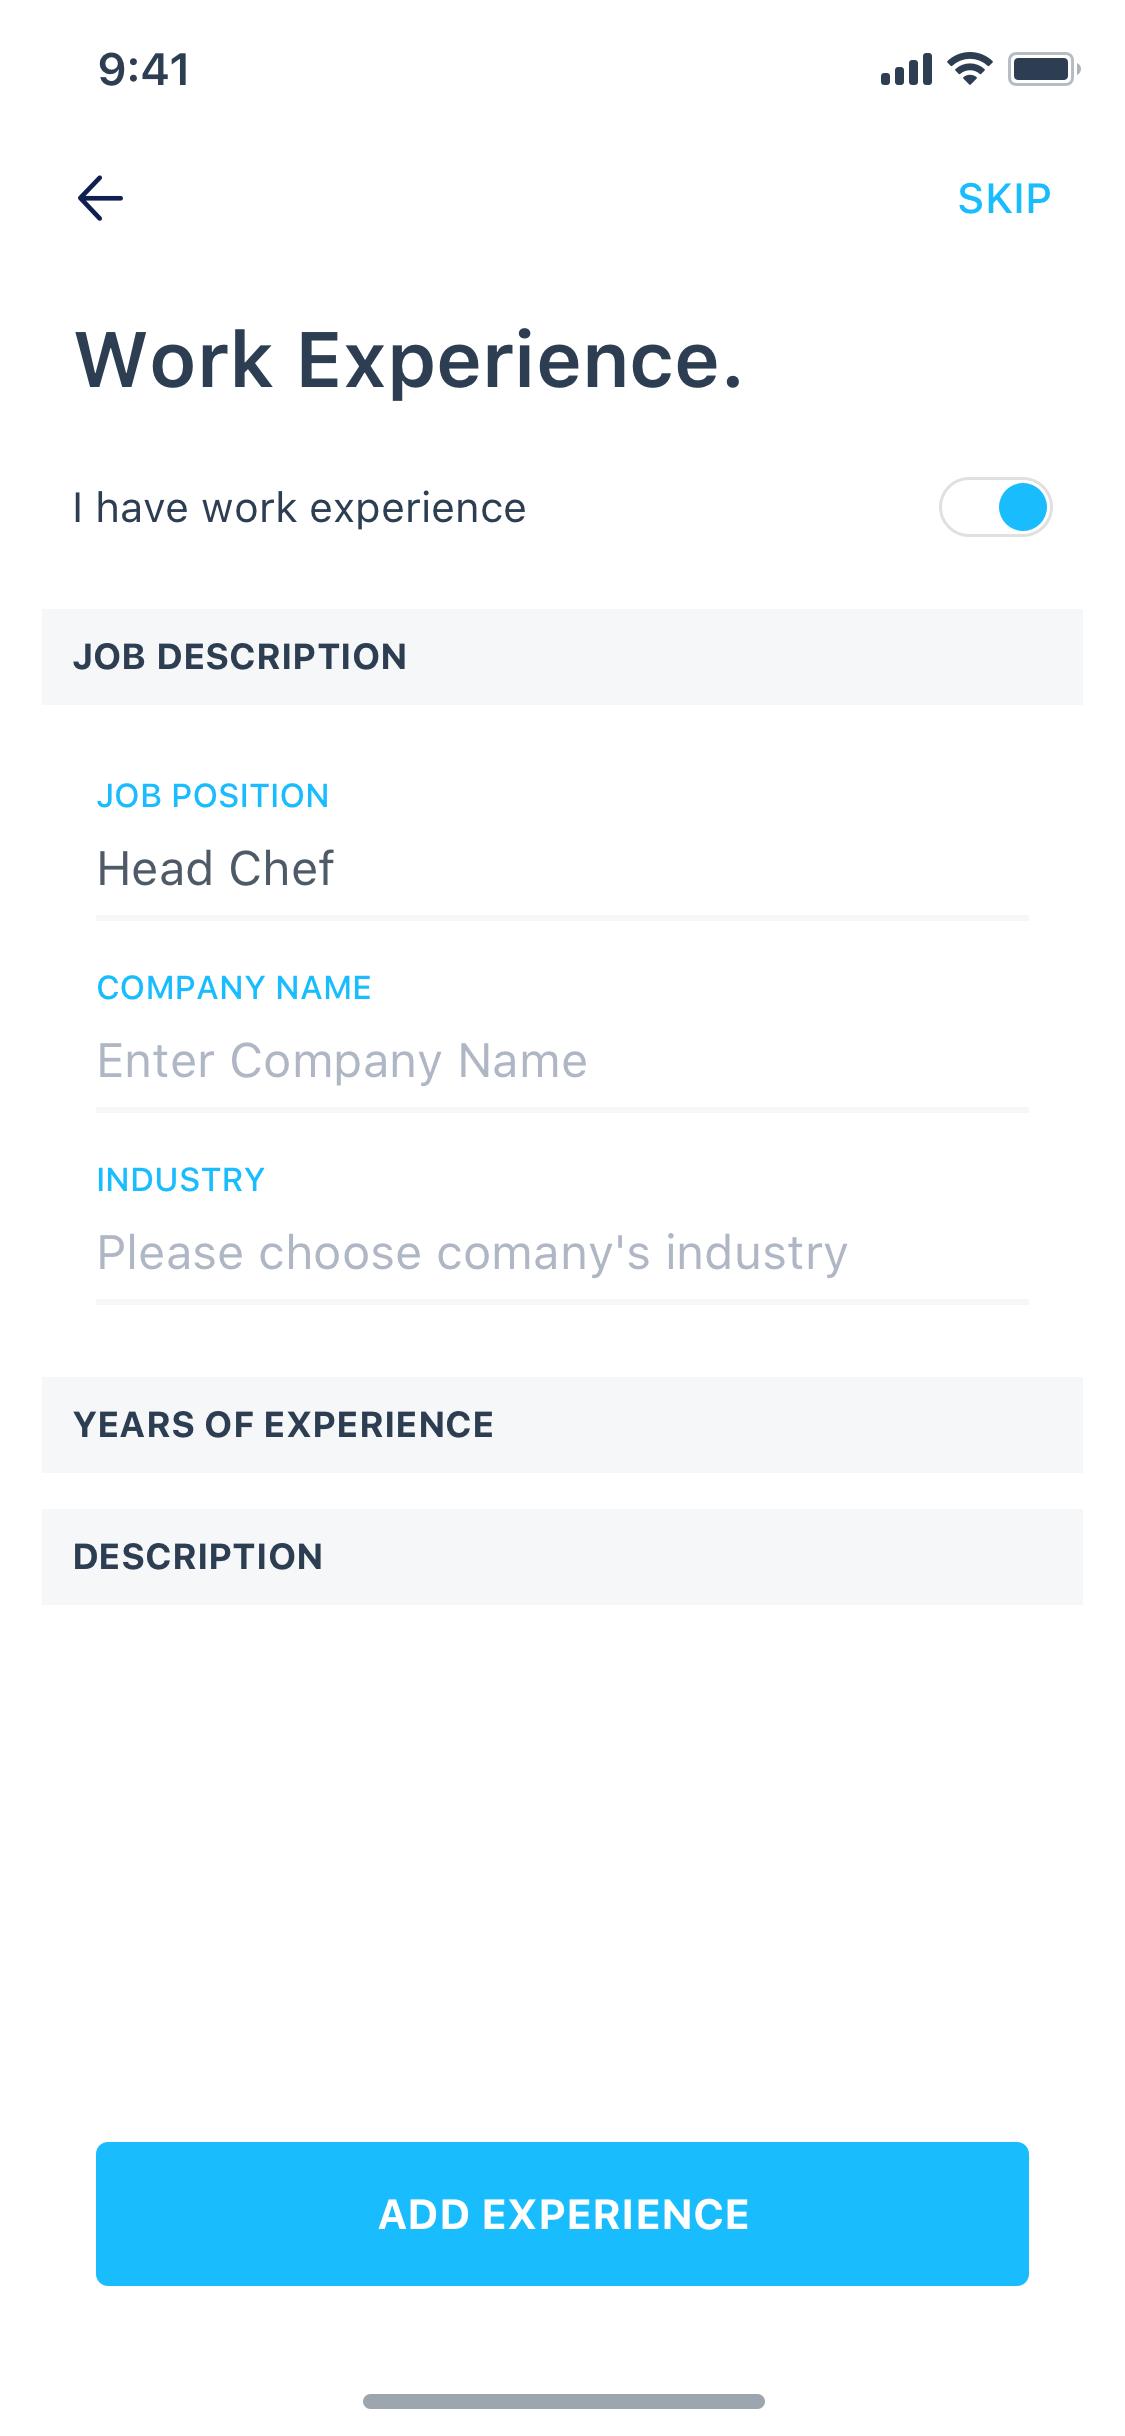 5.1 job description 3x